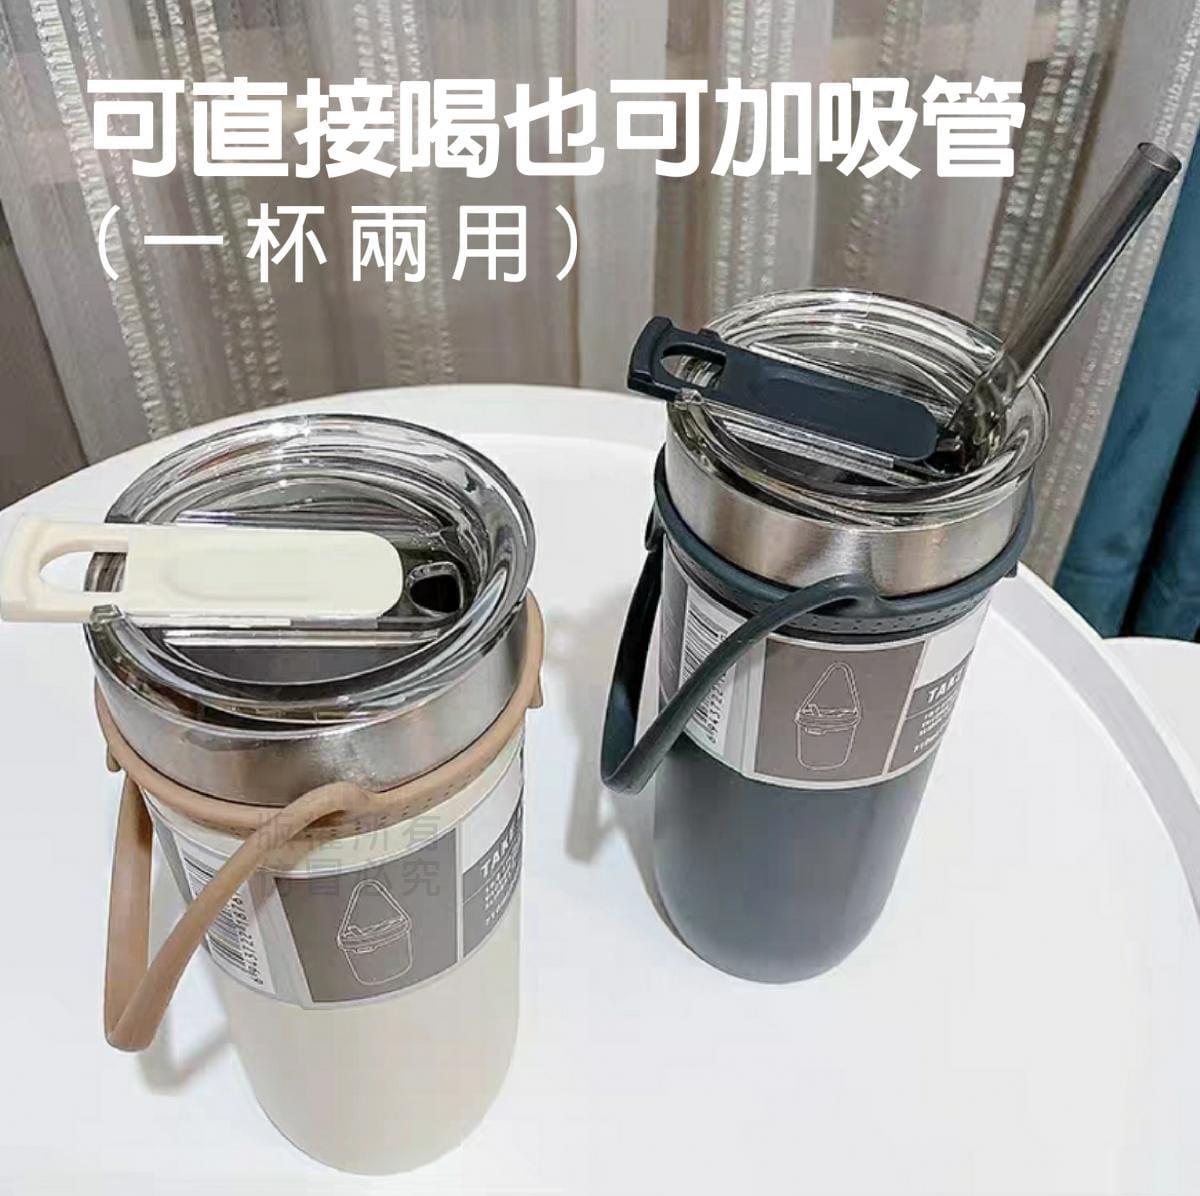 矽膠手提咖啡杯 4